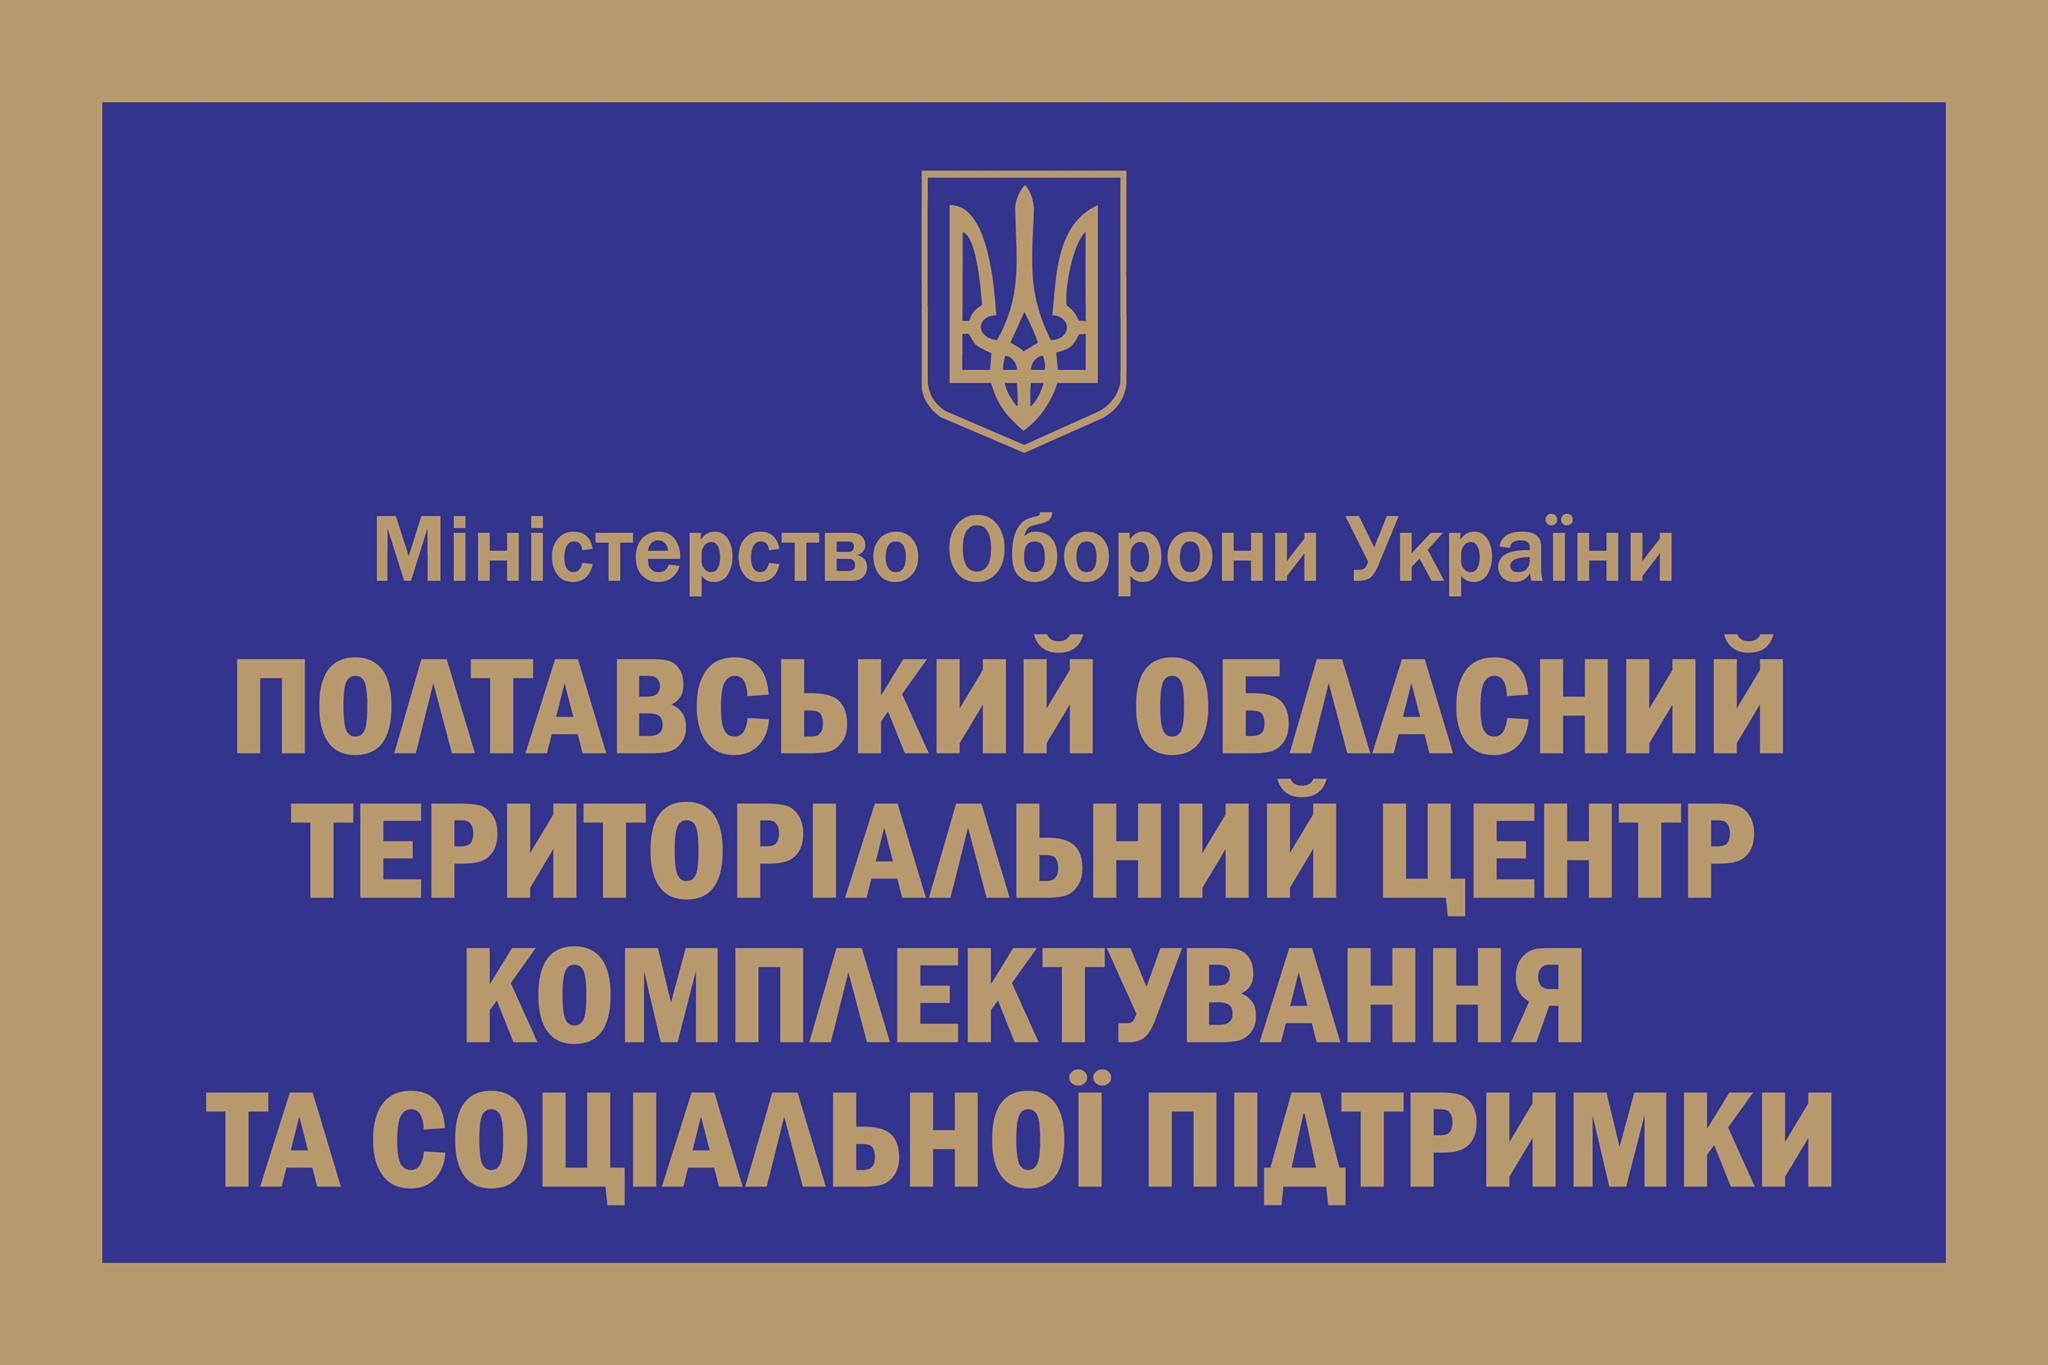 Військові комісаріати Полтавщини стають територіальними центрами комплектування та соціальної підтримки.